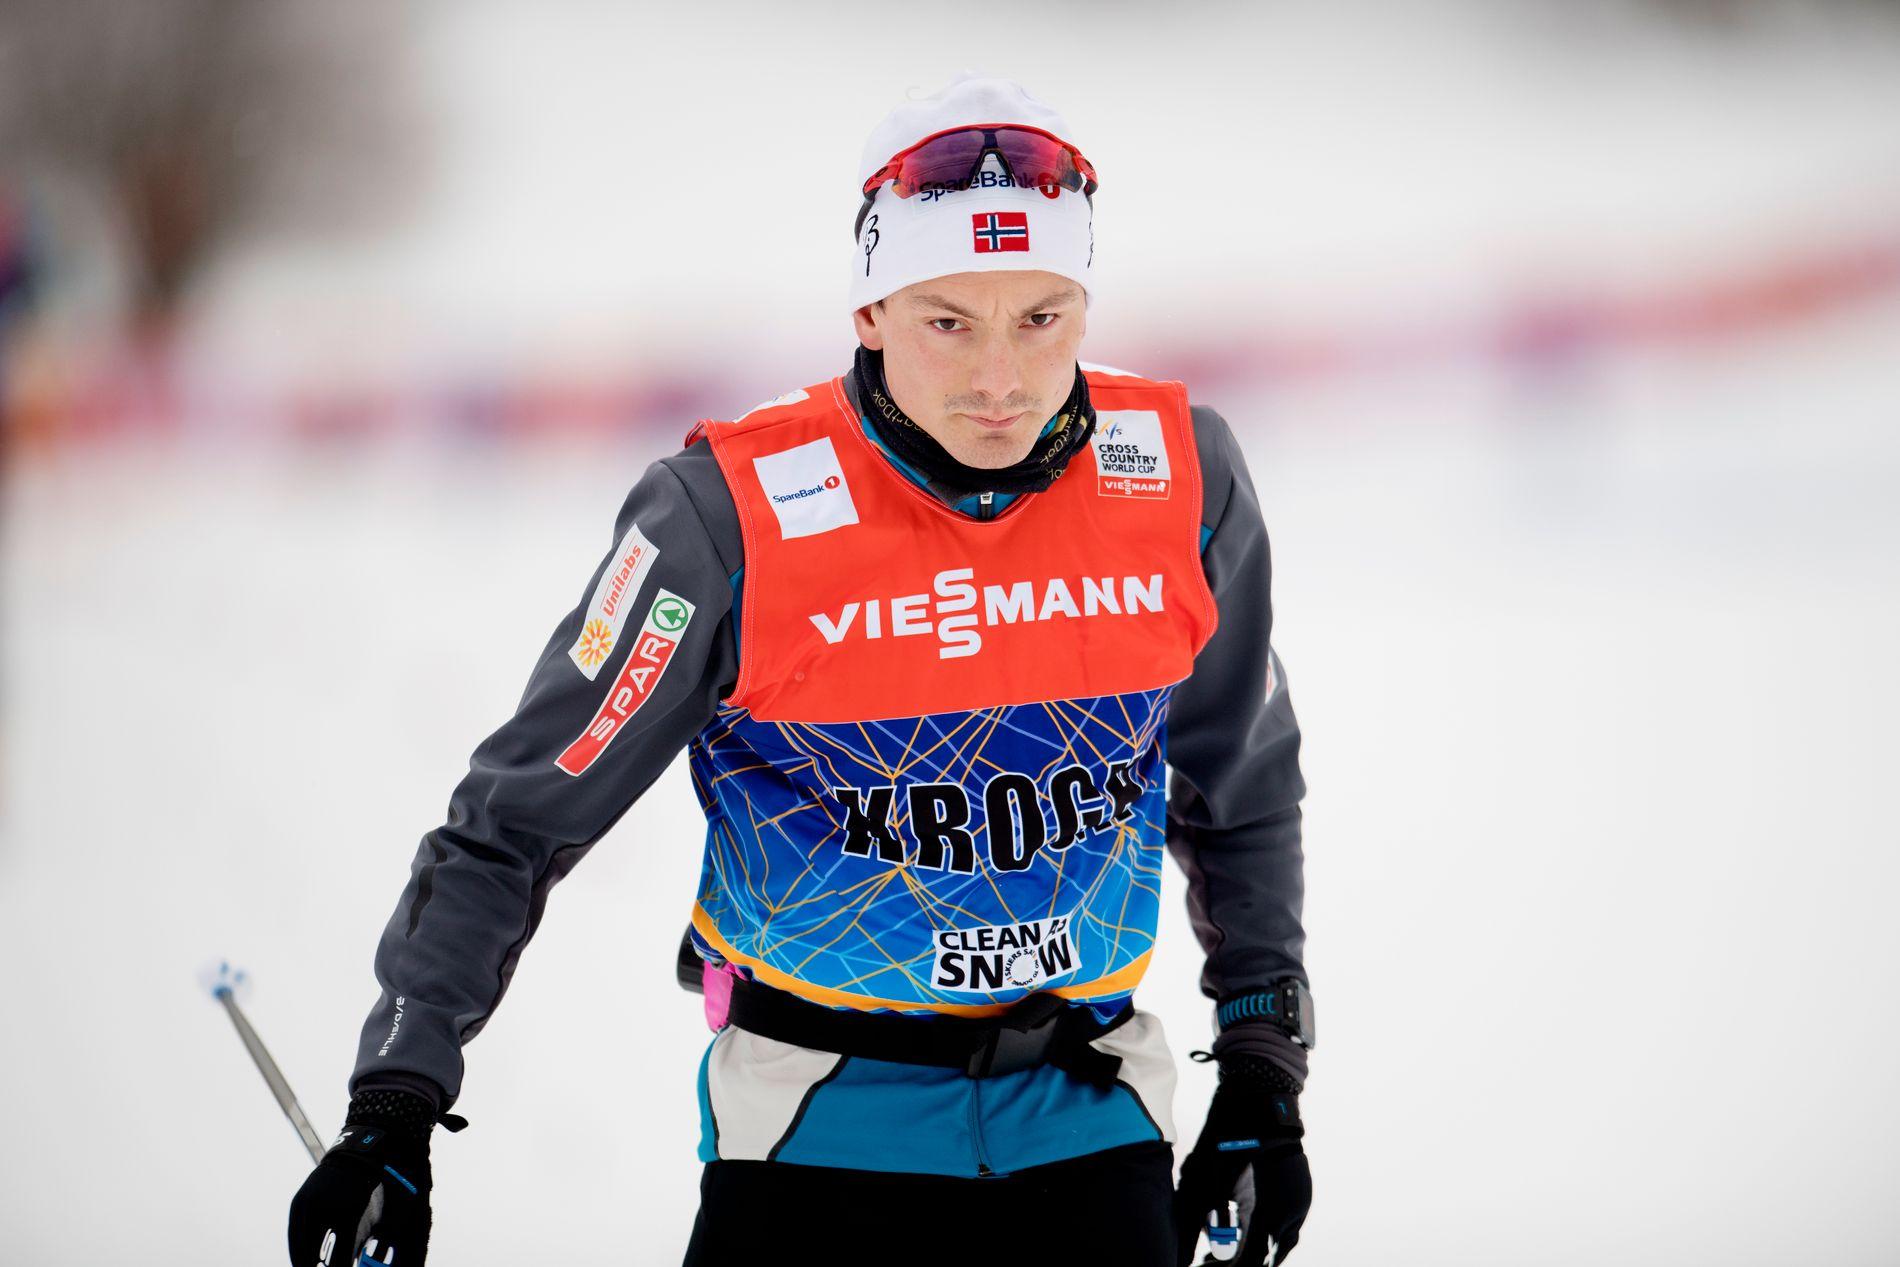 TUNG SESONG: Finn Hågen Krogh føler nærmest han har kastet bort ett år av karrieren etter 2017/18-sesongen.